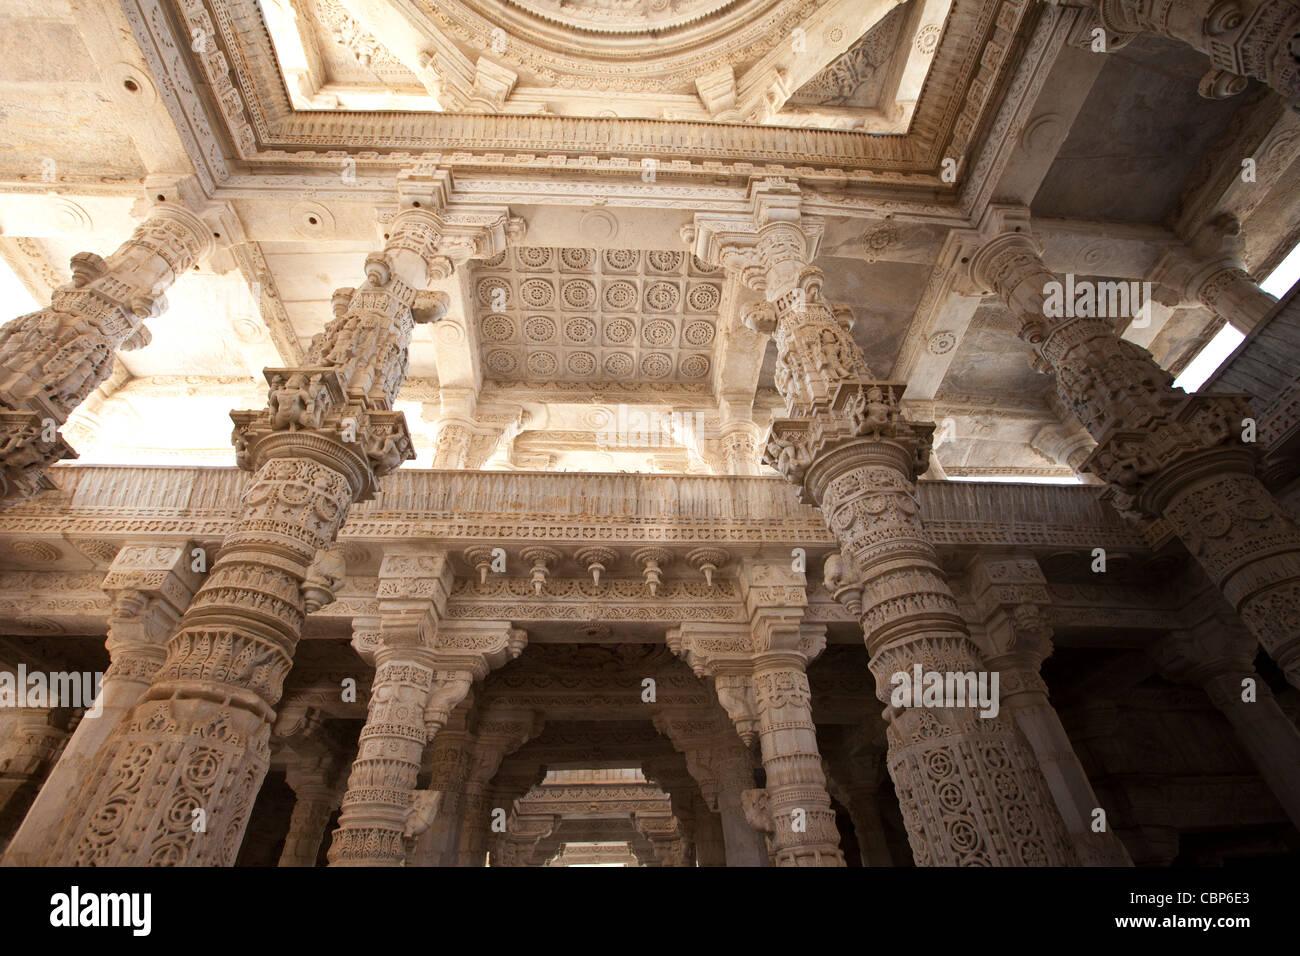 Weiße Marmorsäulen und Decke in Ranakpur Jain Tempel in Desuri Tehsil in Pali Bezirk von Rajasthan, Westindien Stockbild